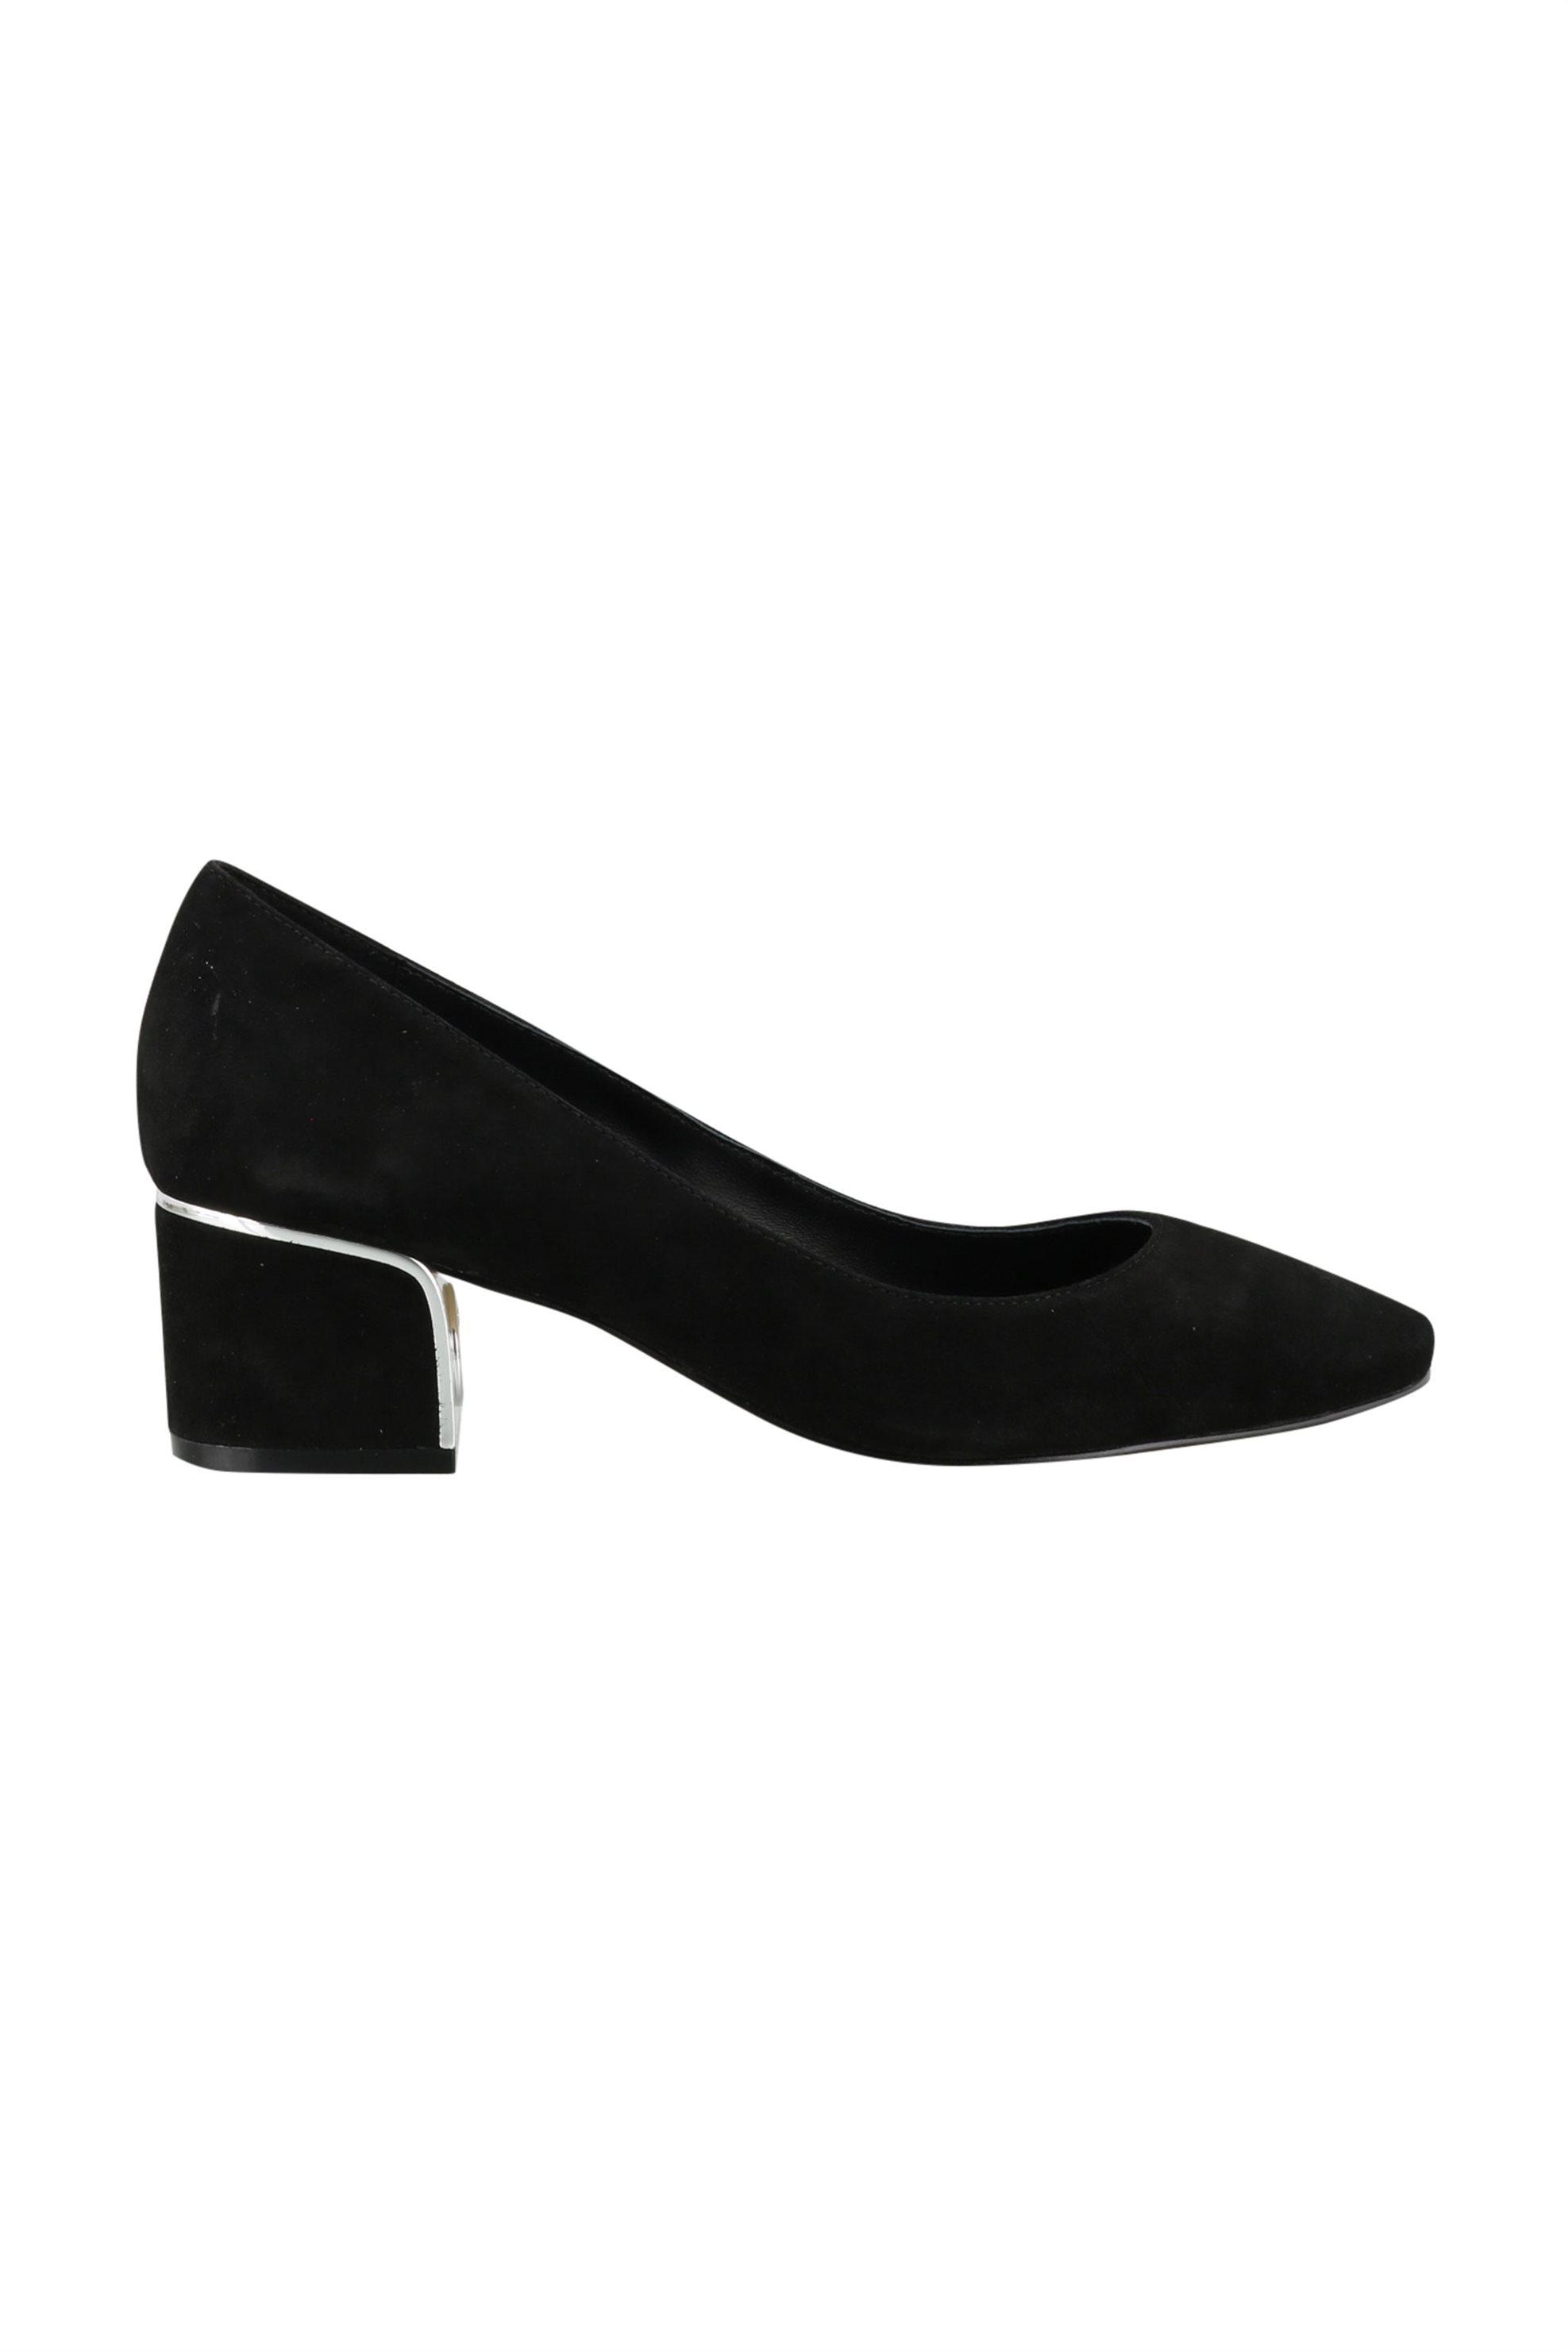 """Μichael Kors γυναικείες γόβες μονόχρωμες με χοντρό τακούνι """"Lana"""" – 40T0LAMP1S – Μαύρο"""